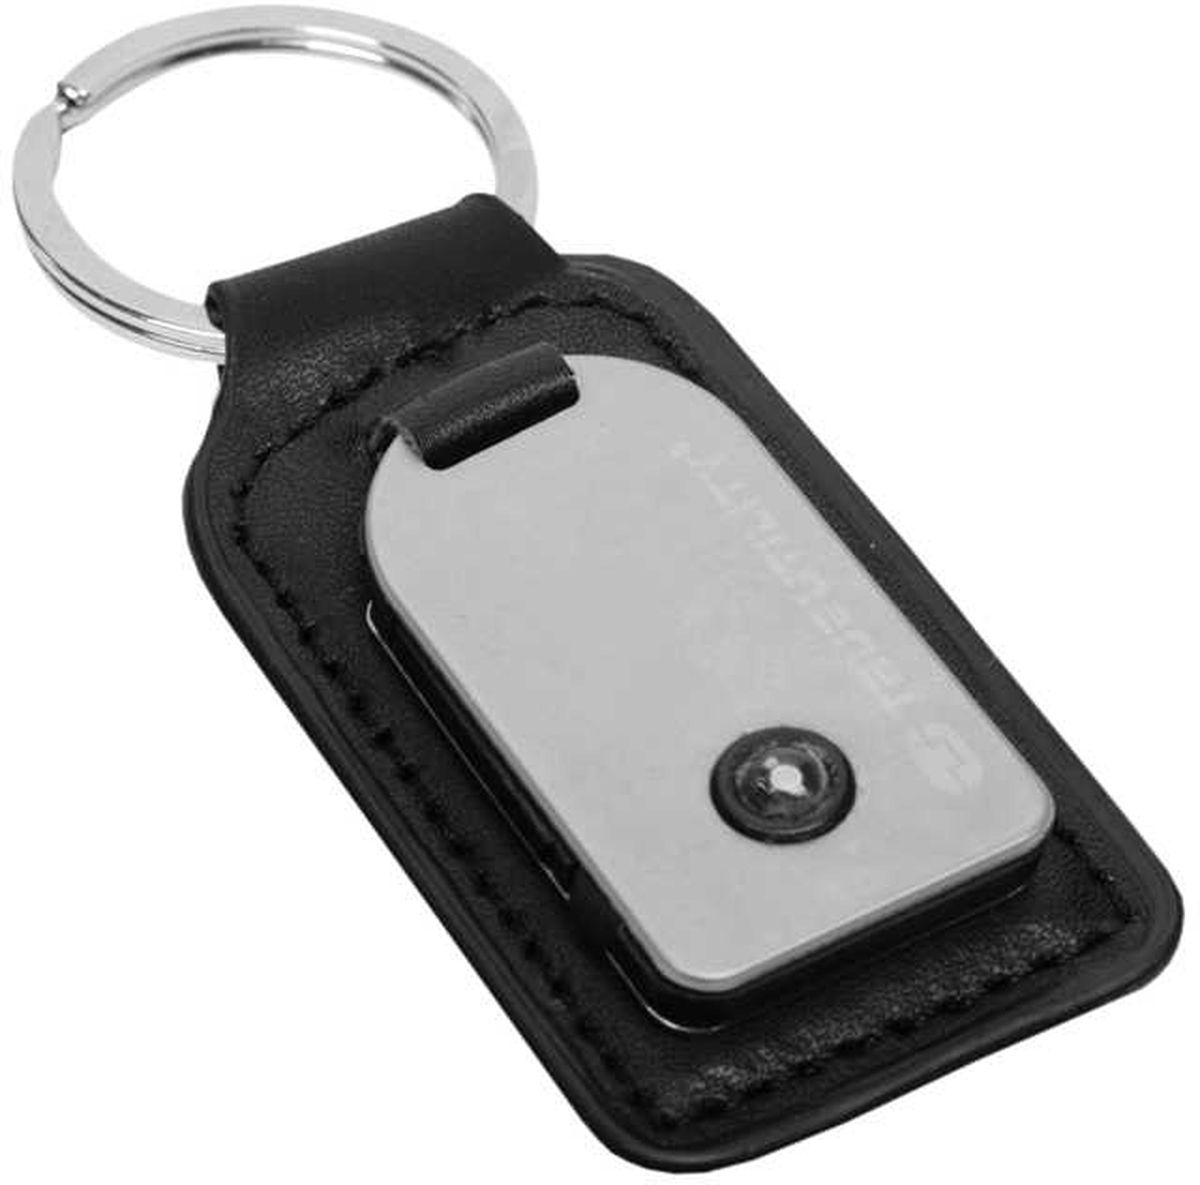 Брелок с фонариком True Utility  Leather FobLite Black  - Полезные мелочи